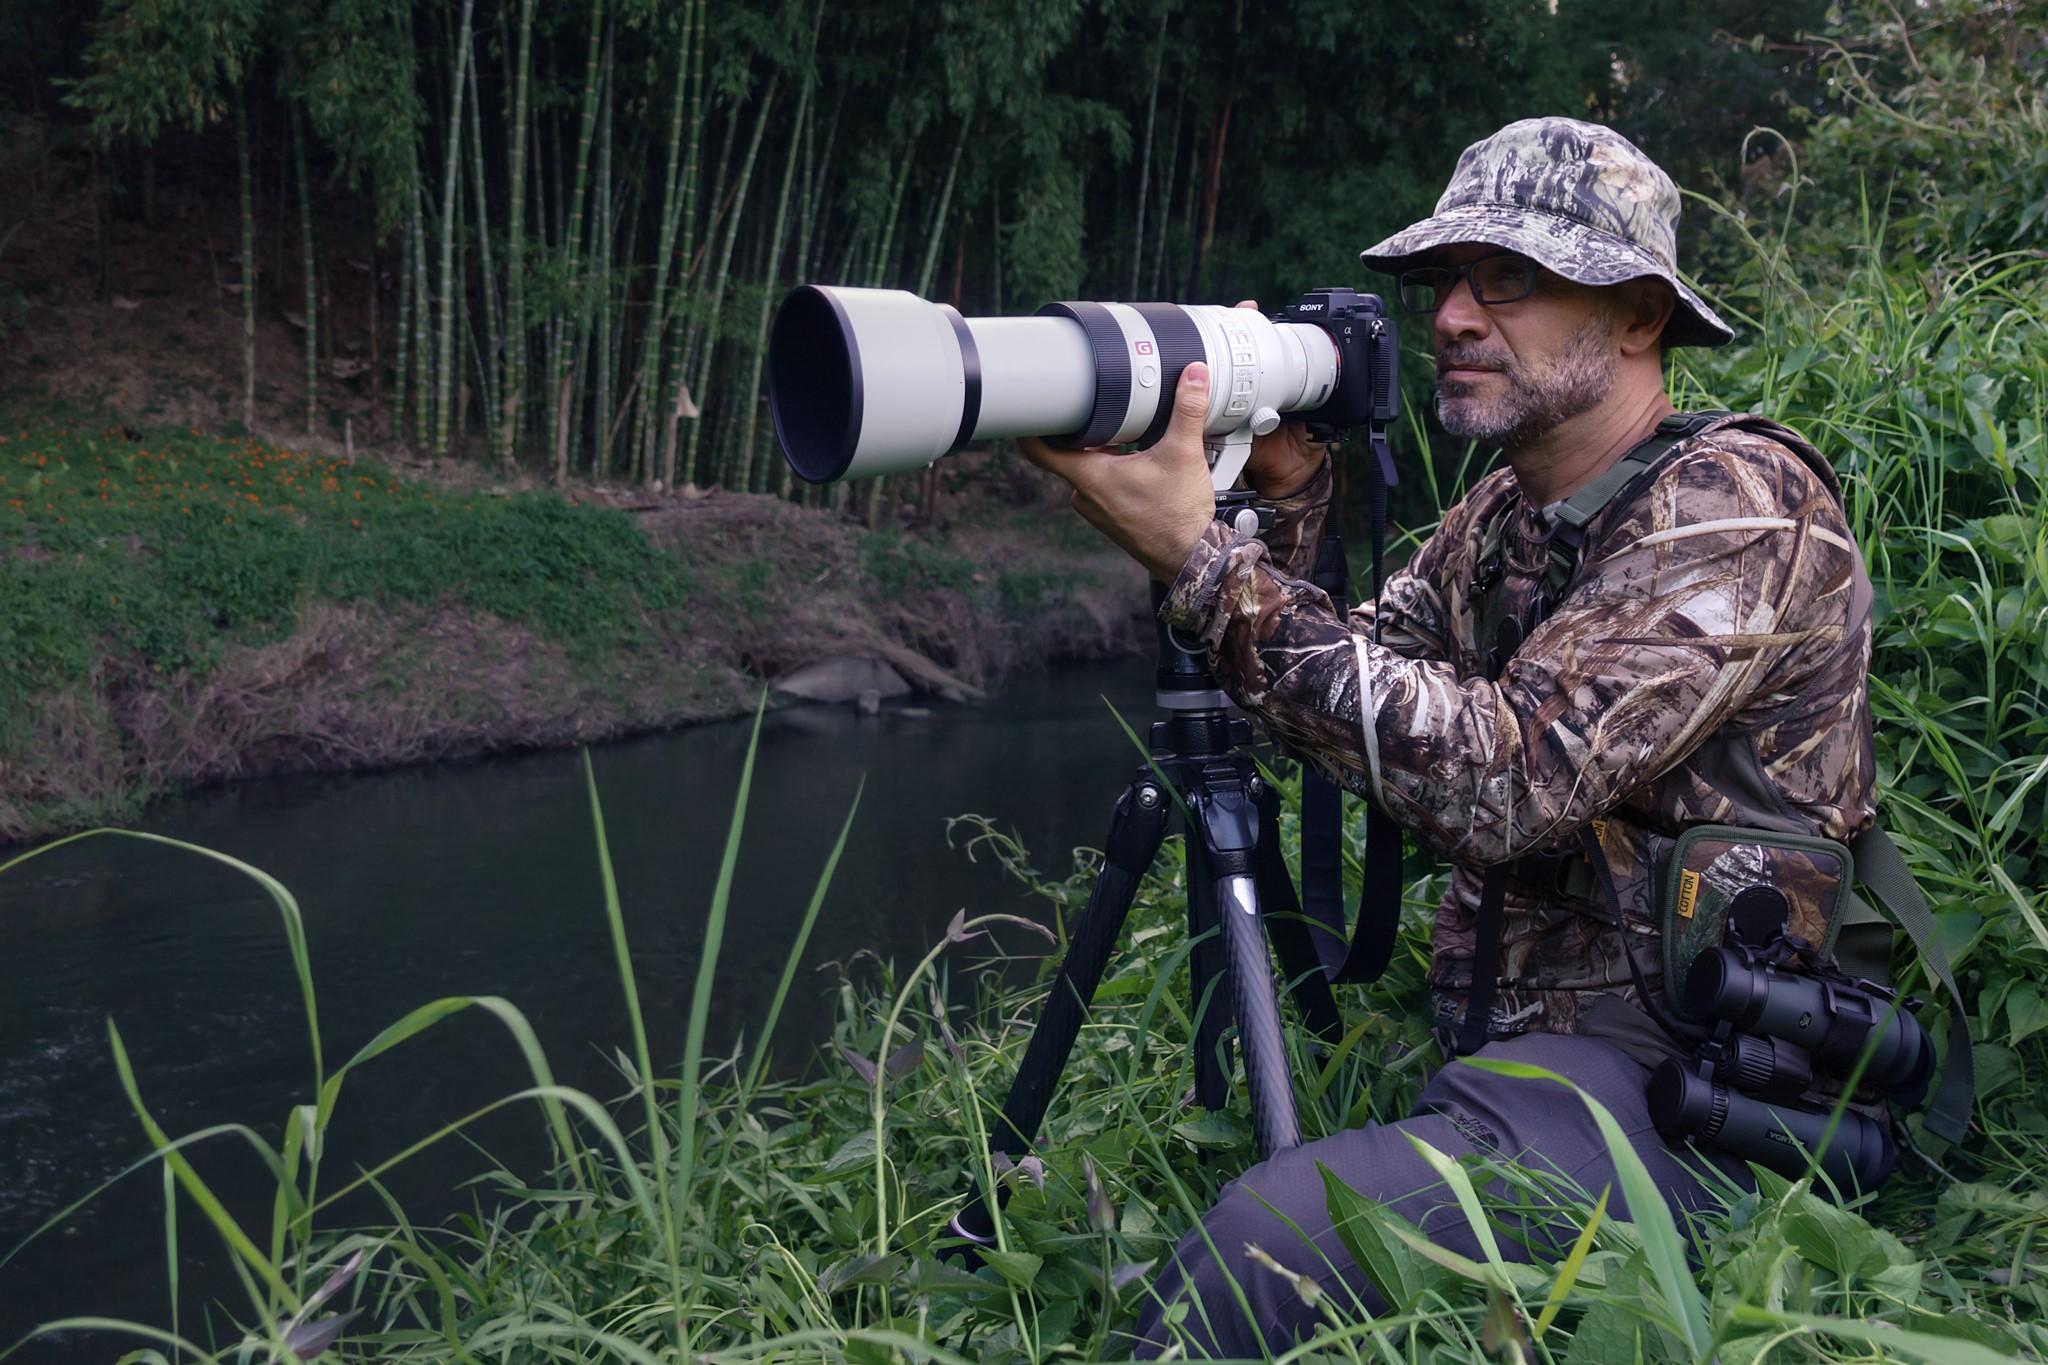 El reto de fotografiar aves a larga distancia por Memo Gómez